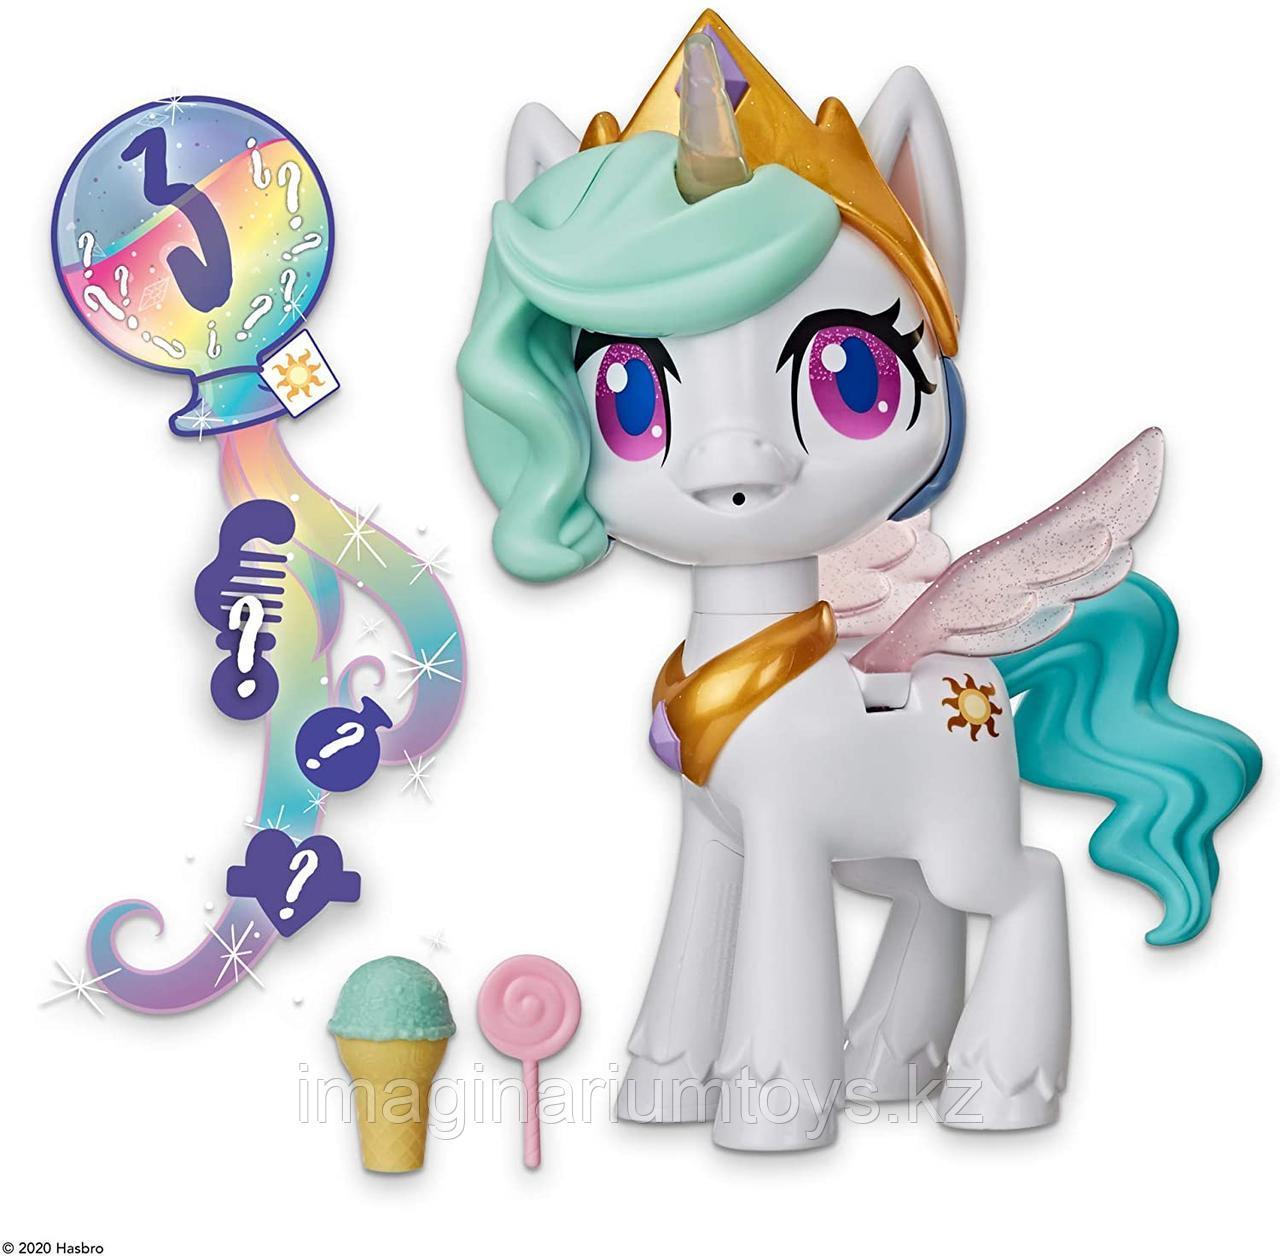 Интерактивный единорог Селестия My Little Pony - фото 4